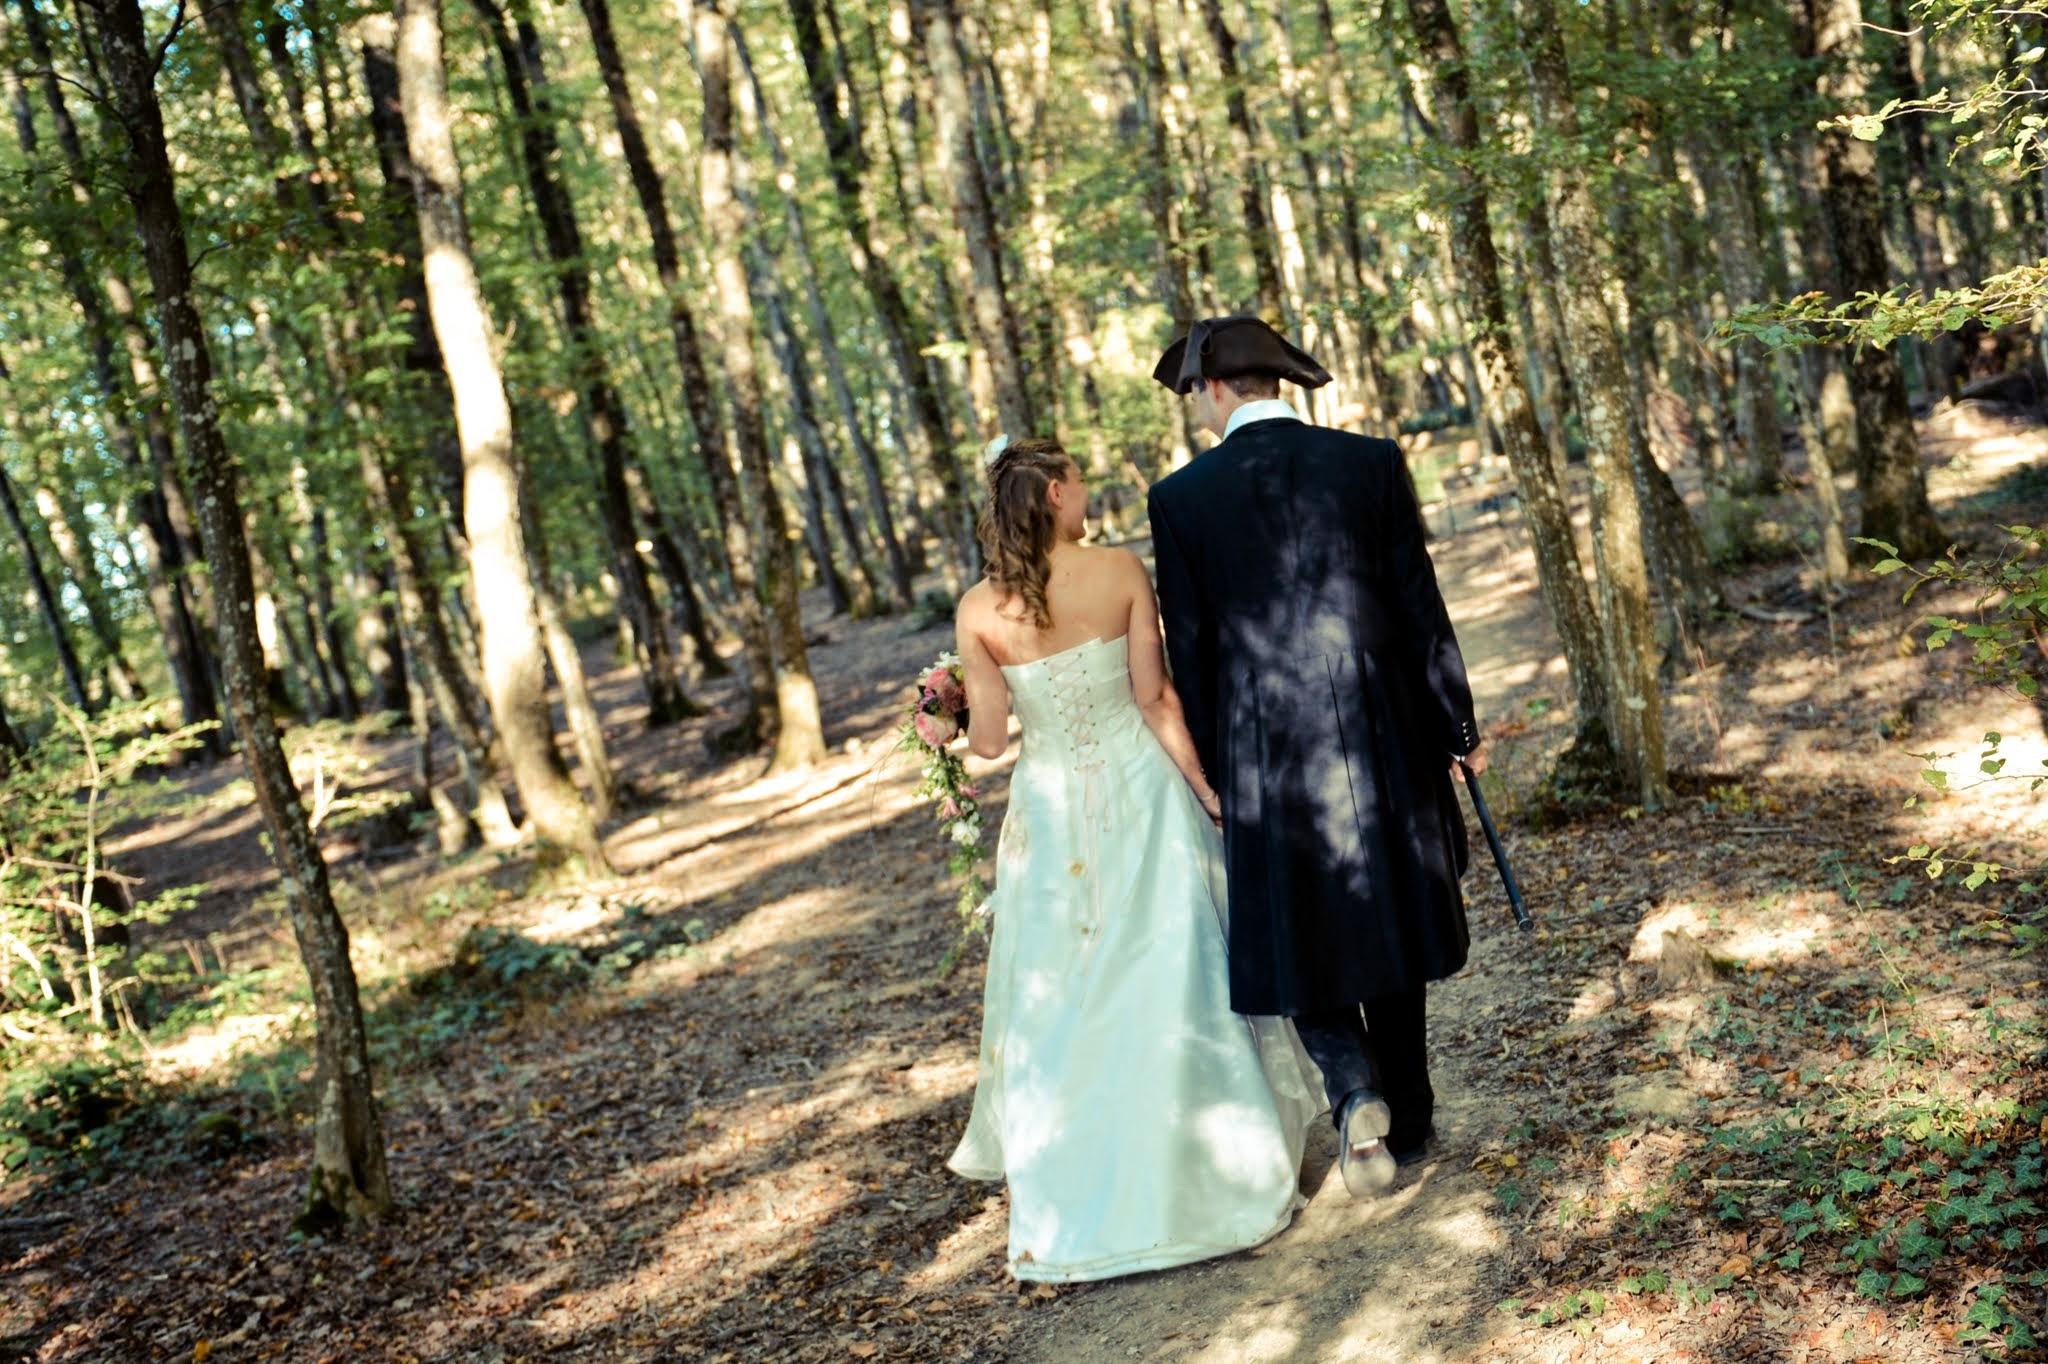 Le mariage geek et rôliste de Mme Licorne